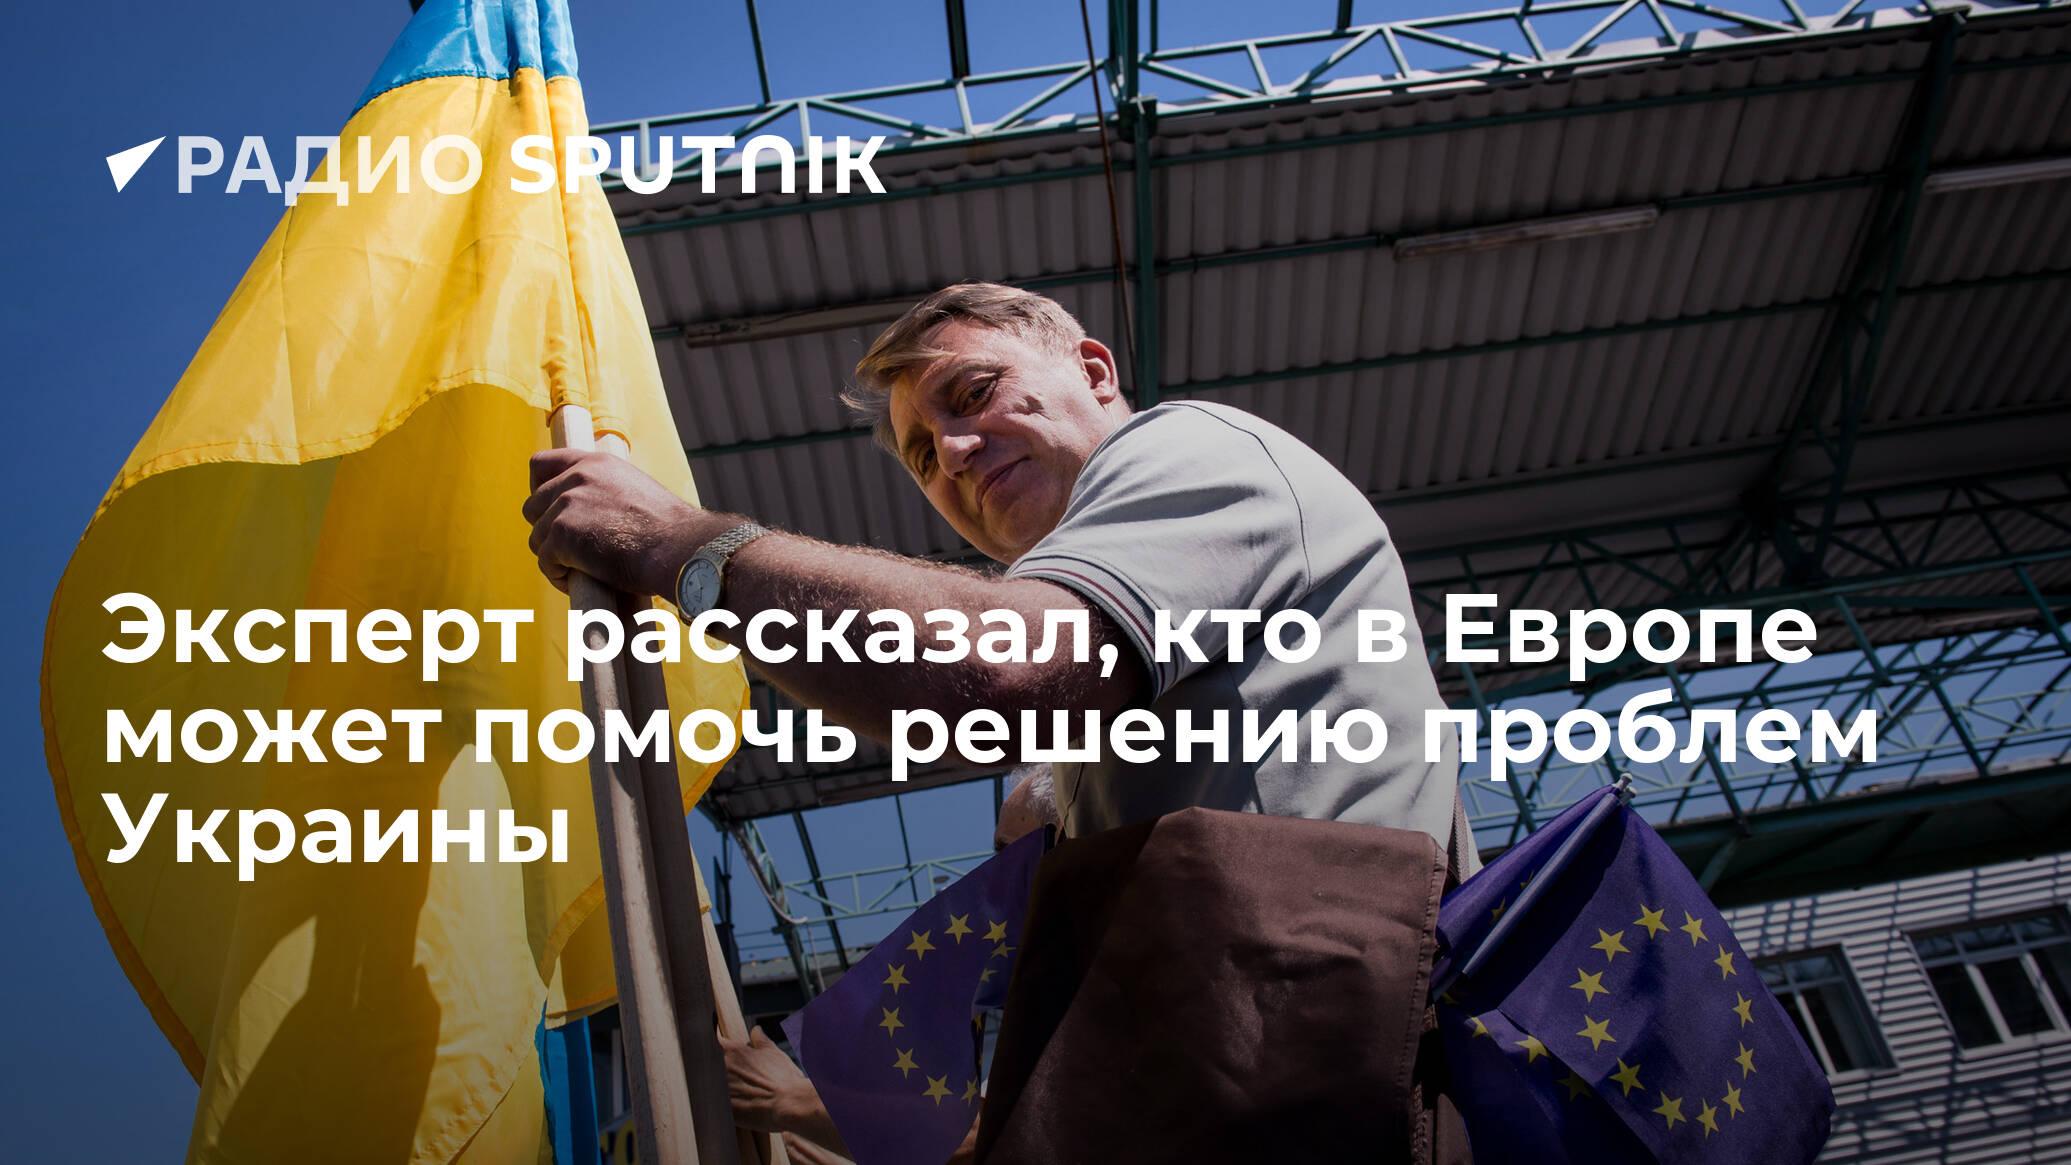 Эксперт рассказал, кто в Европе может помочь решению проблем Украины